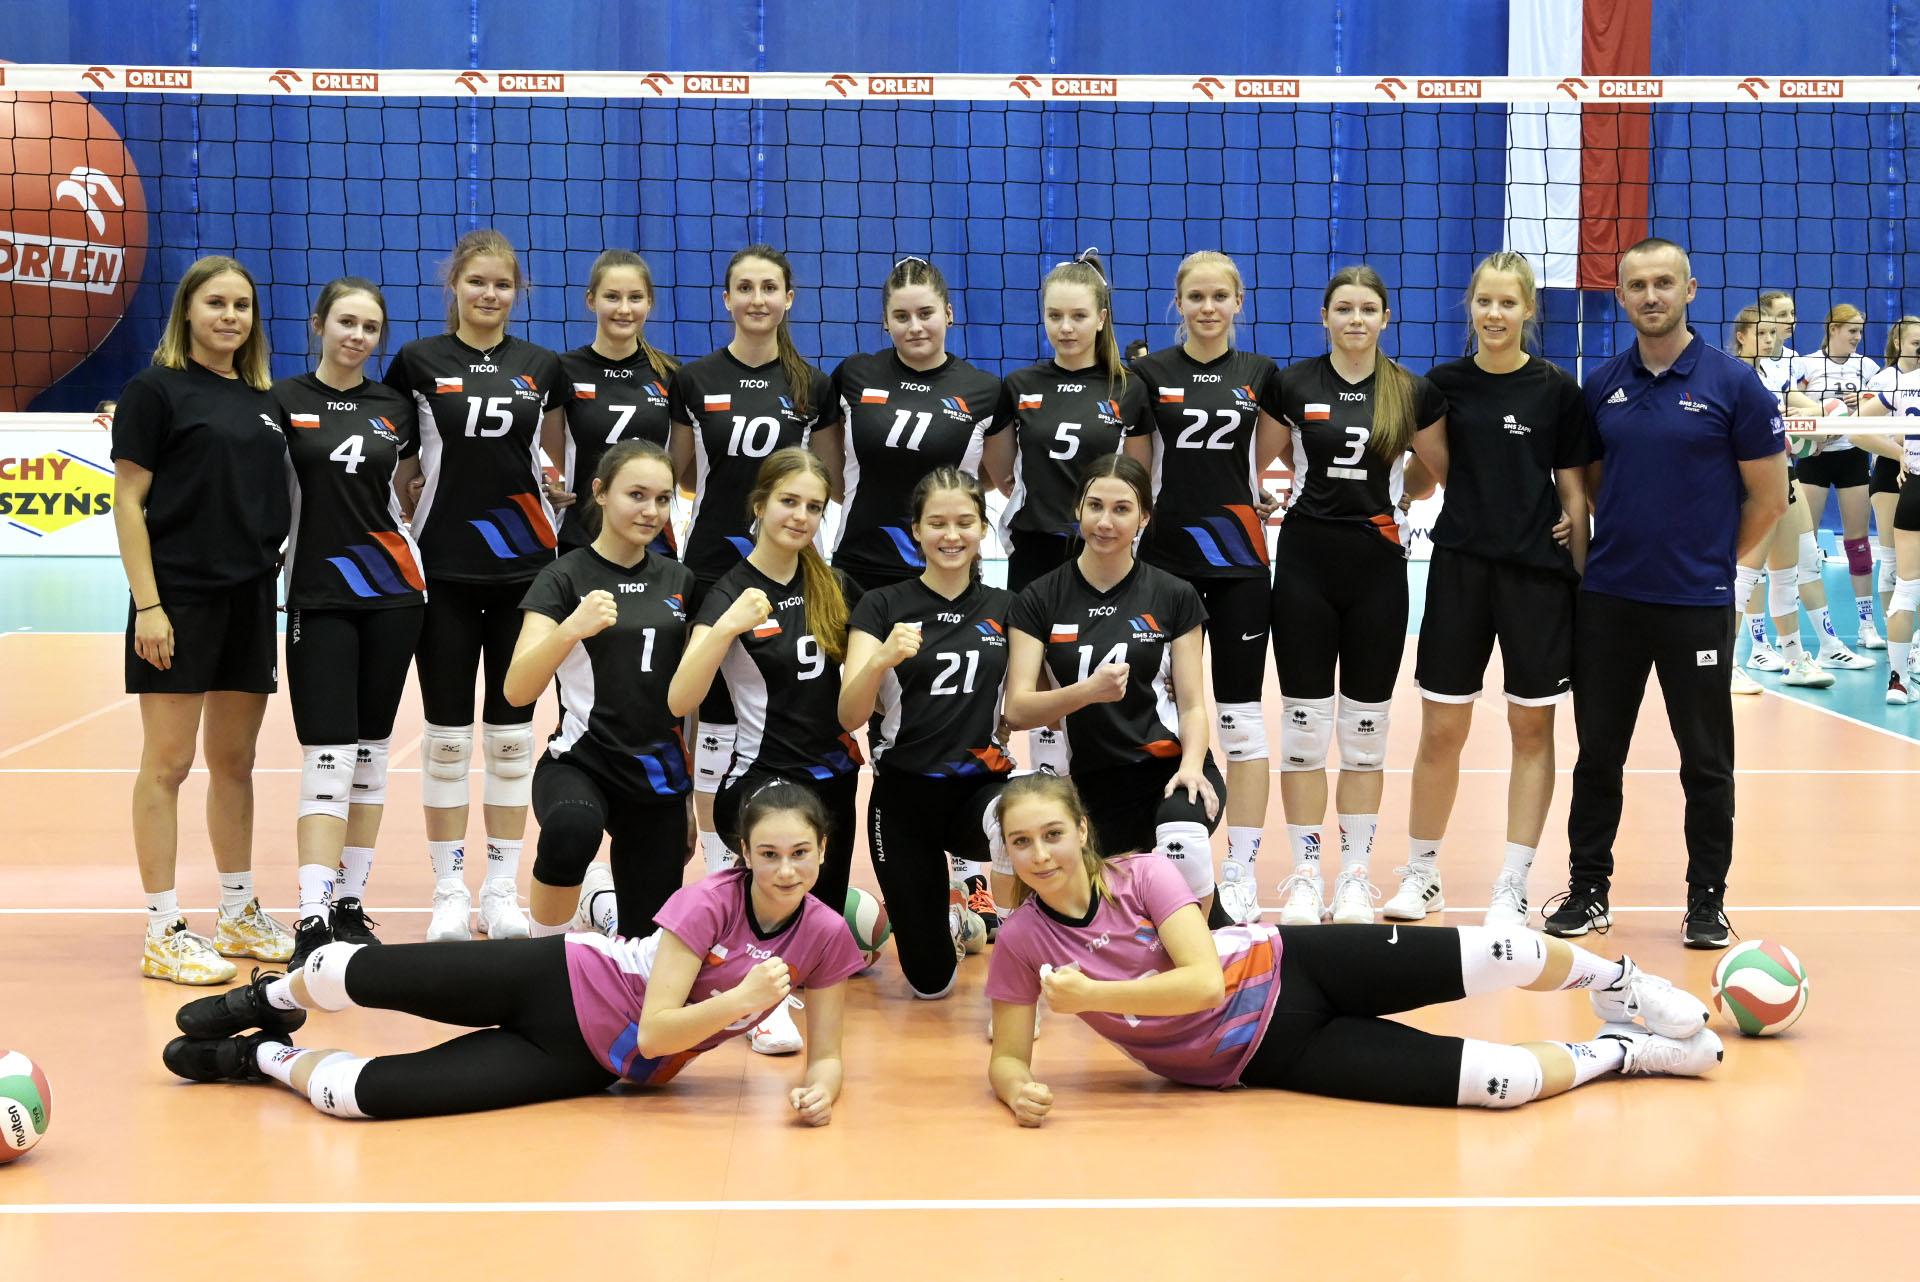 TS Stal Śrubiarnia ŻAPN Żywiec (MMP Finał Juniorek Młodszych Grupa B sezon 2020/2021)